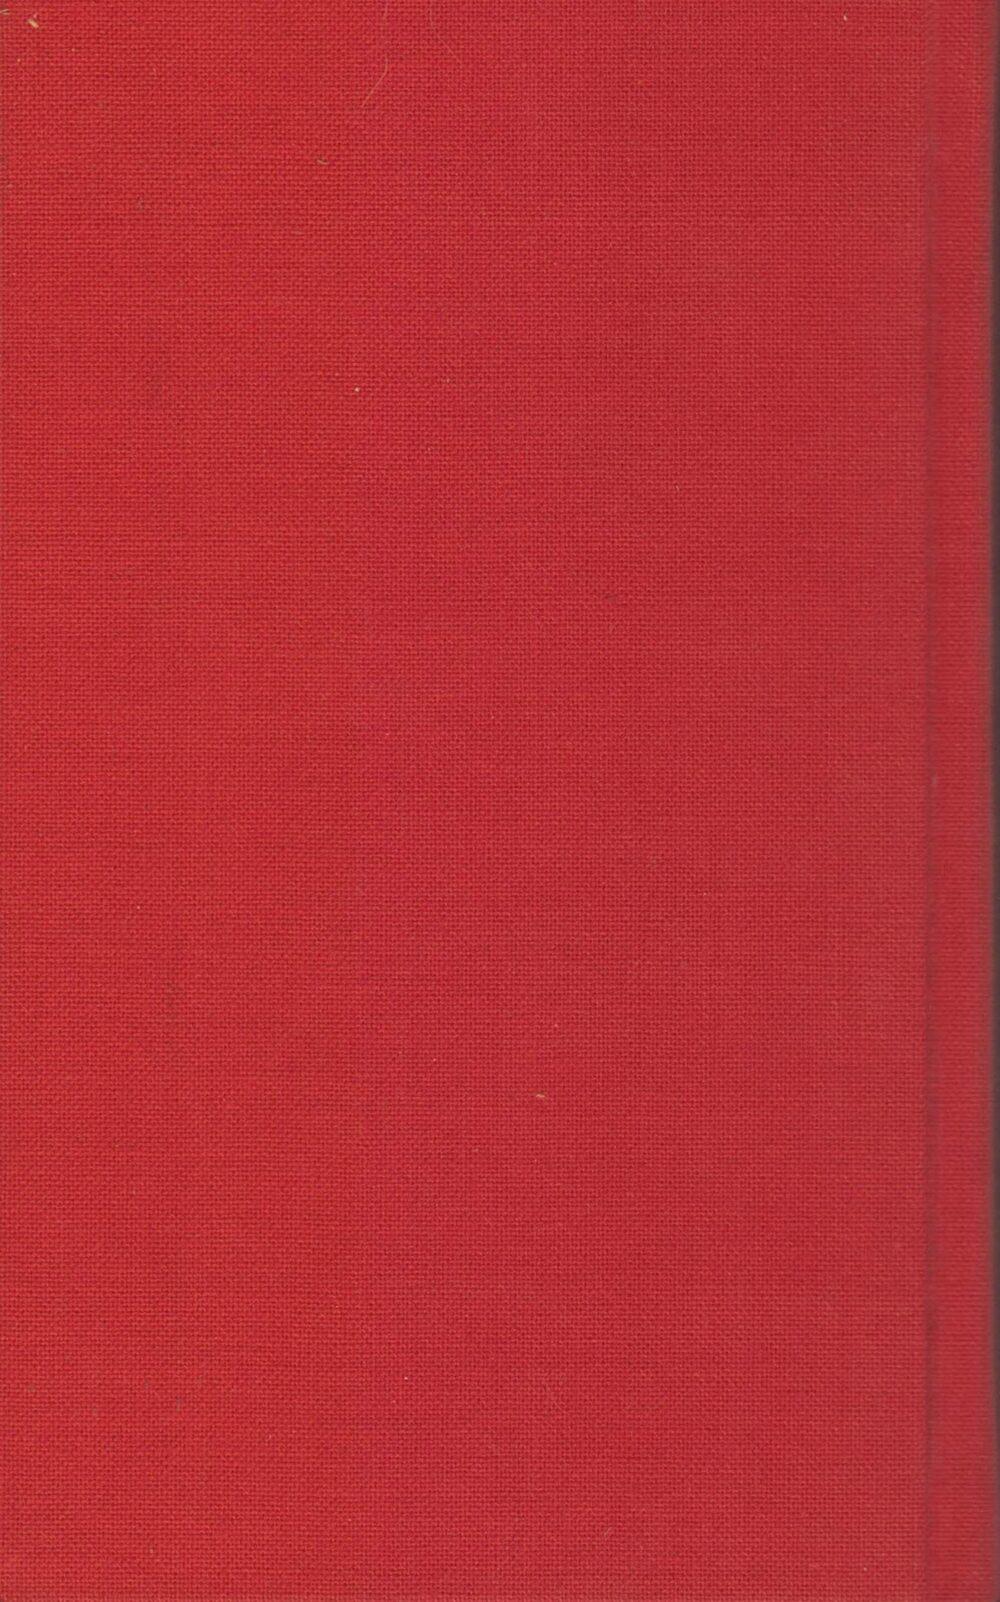 Seid bereit! Liederbuch der Thälmann-Pioniere